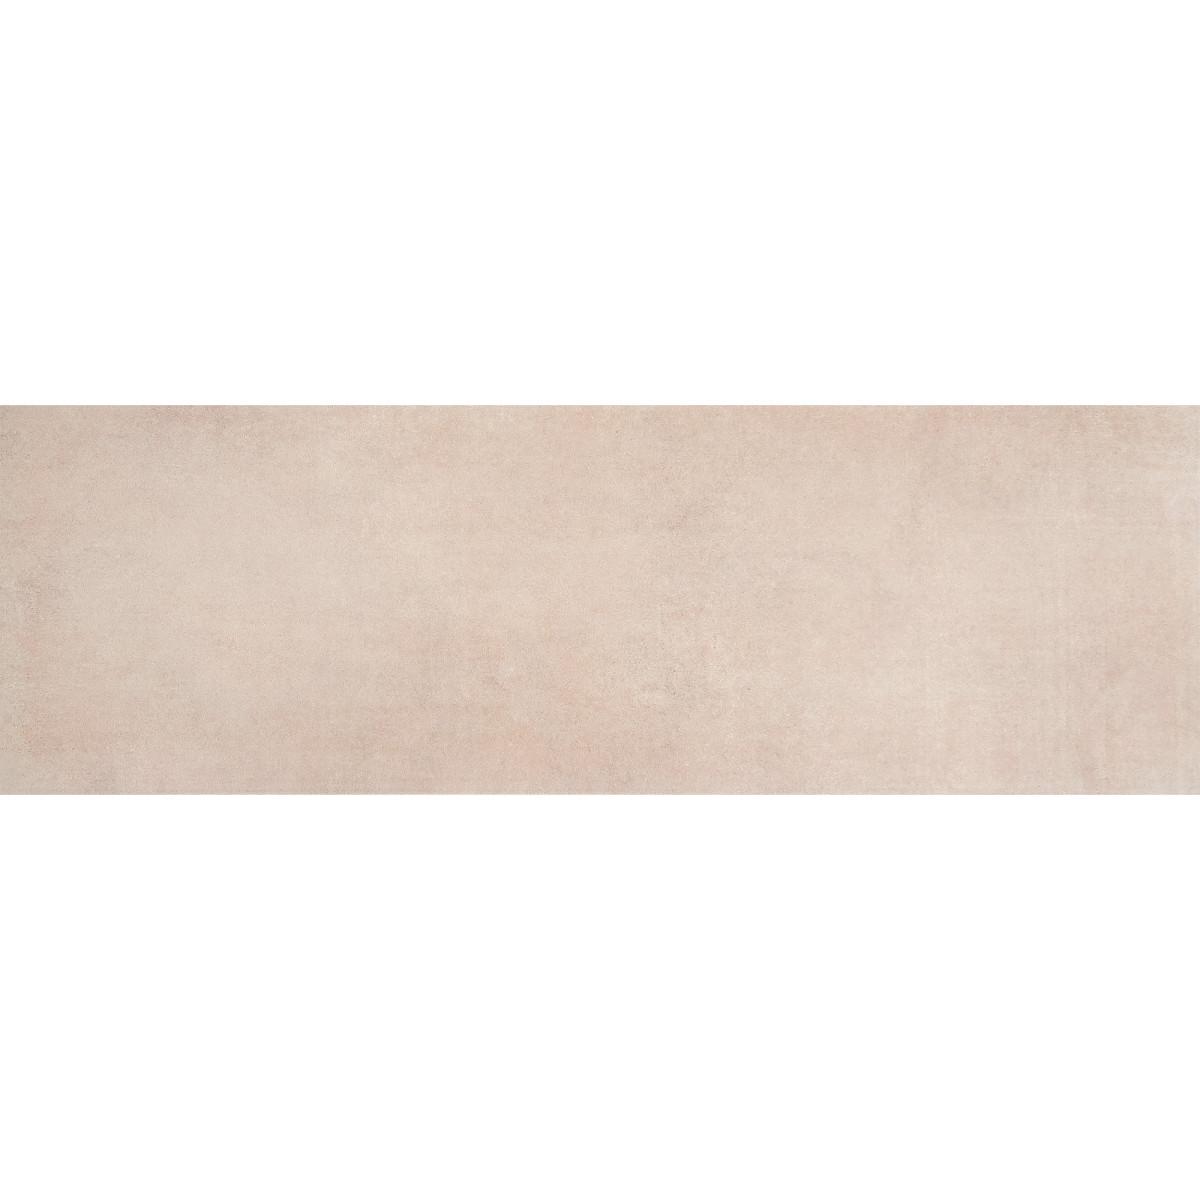 Плитка настенная Cersanit Ravenna 19.8х59.8 см 1.08 м² цвет коричневый